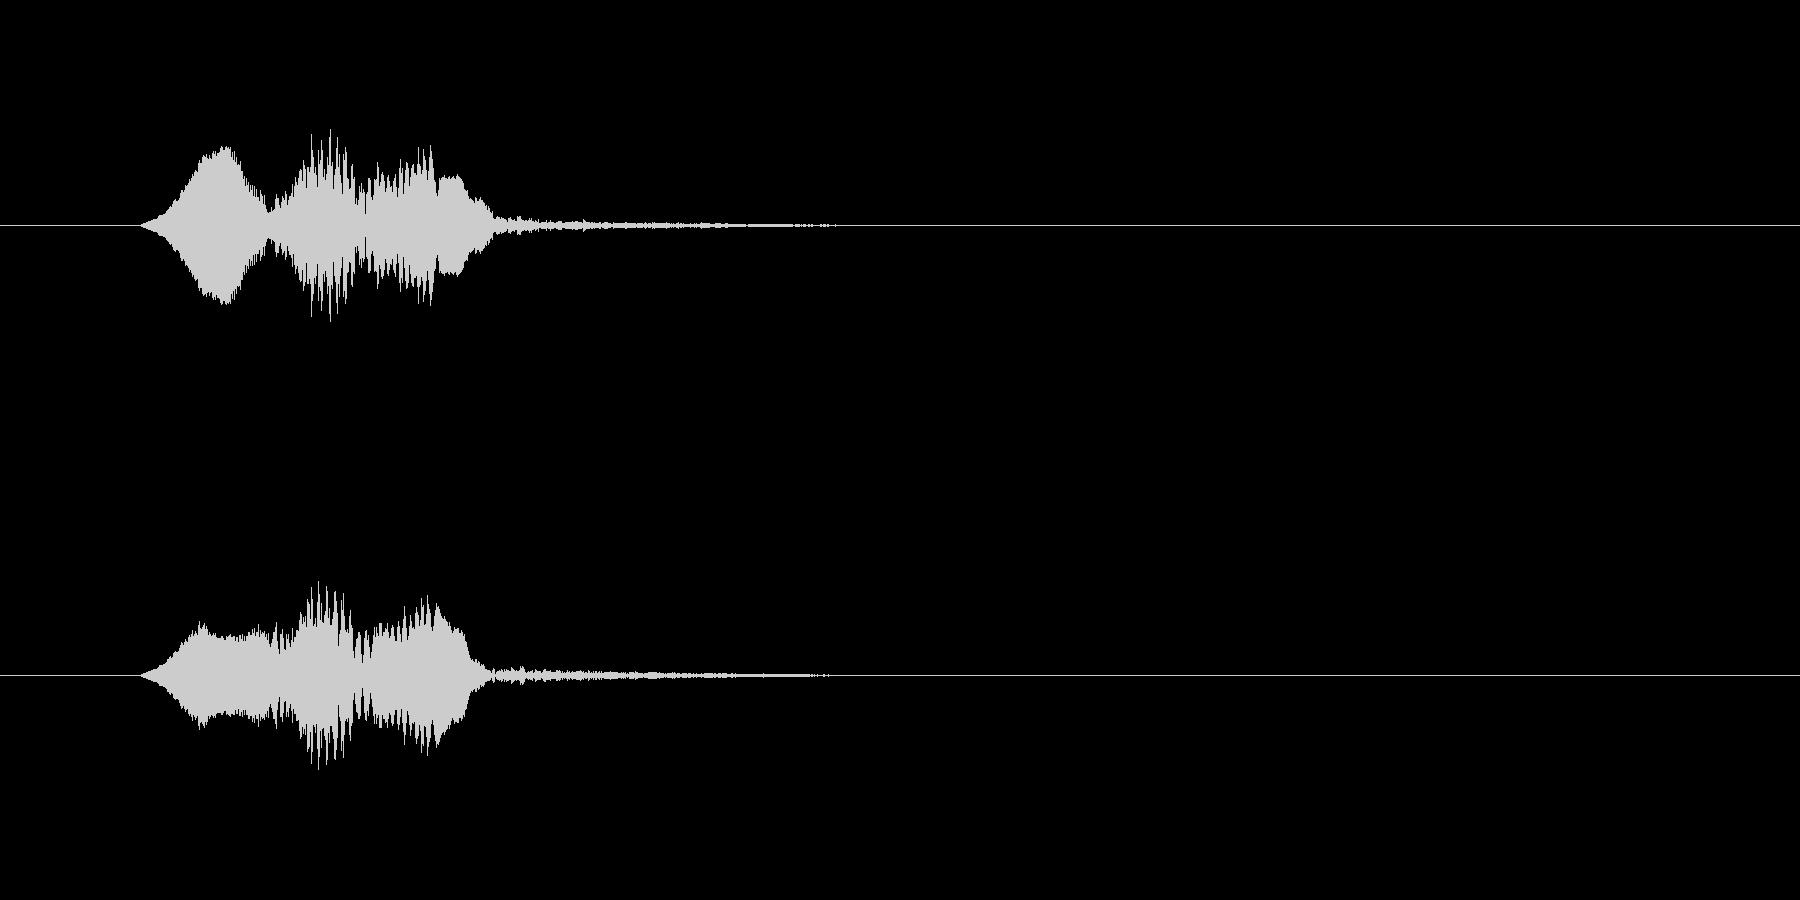 軽快な動作_m0222の未再生の波形